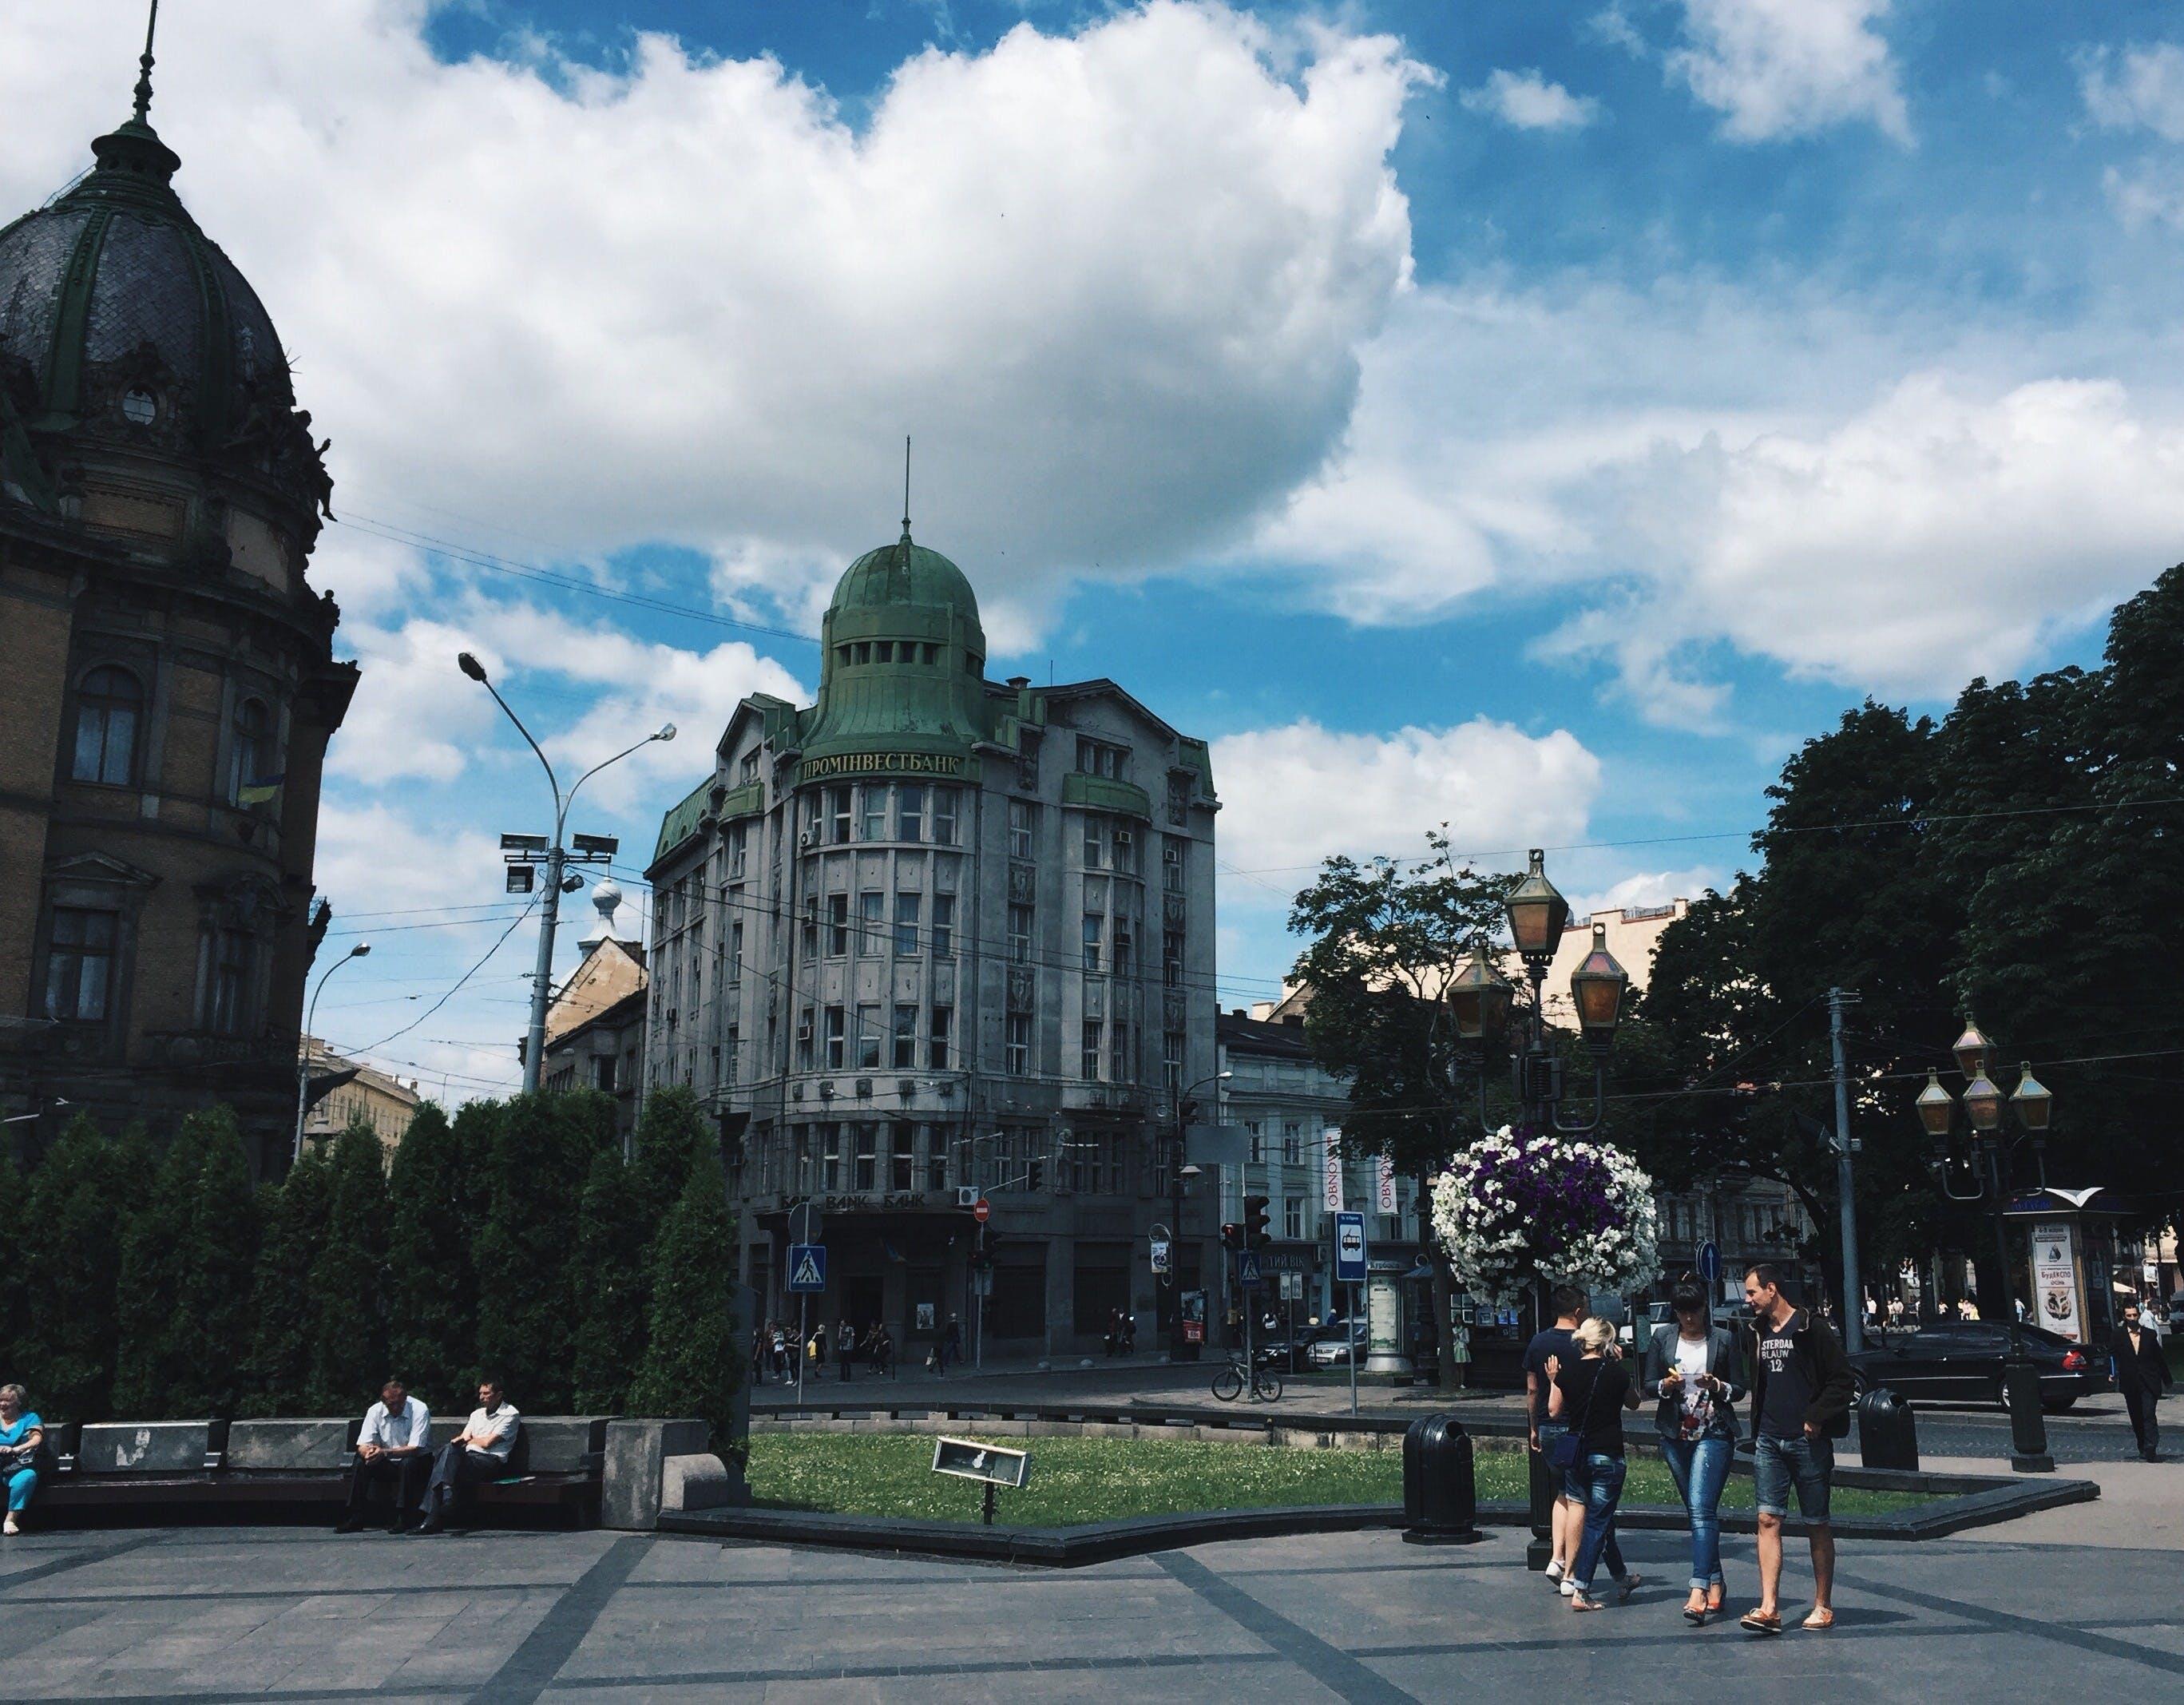 거리, 건축, 경치, 교회의 무료 스톡 사진